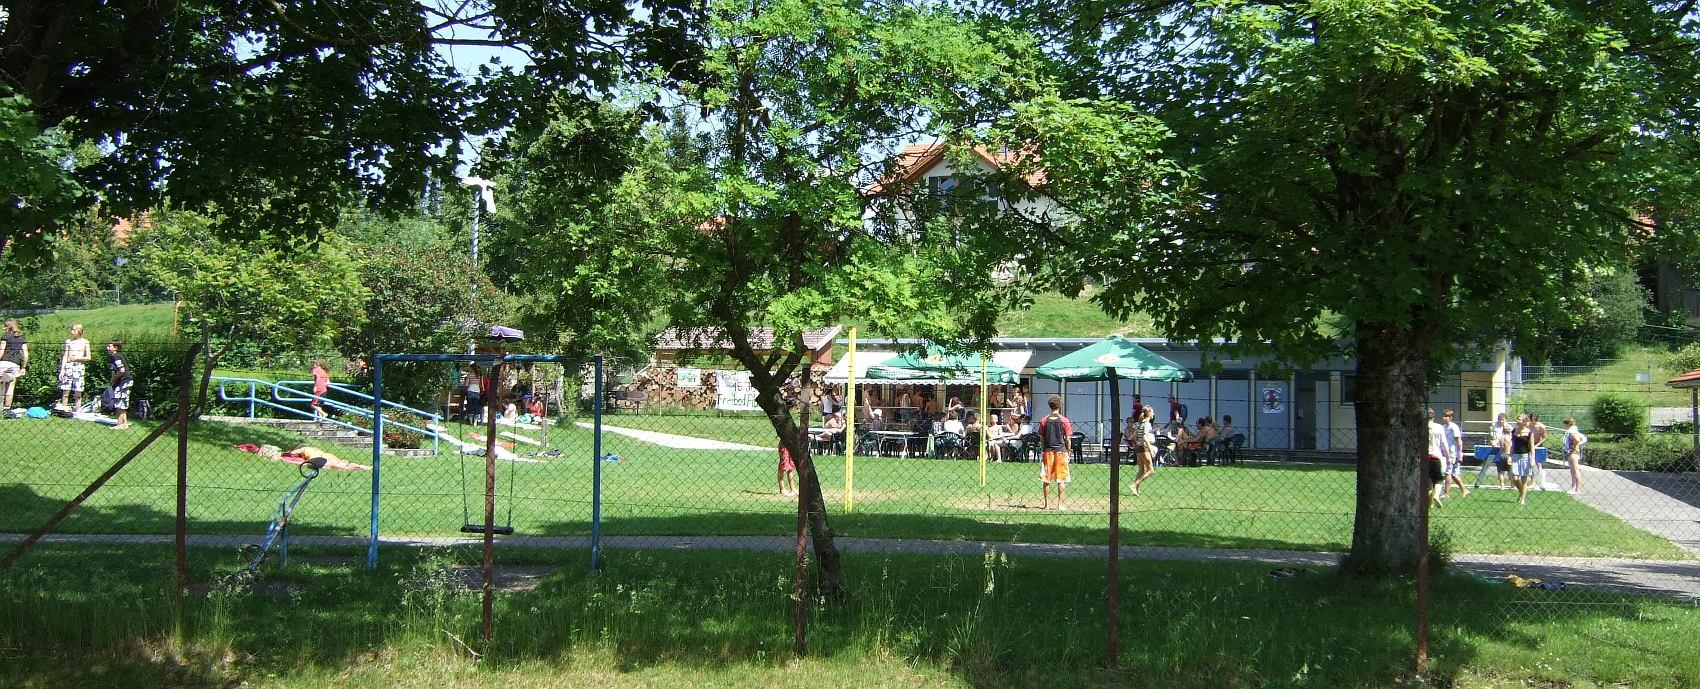 Freibad Altenstadt